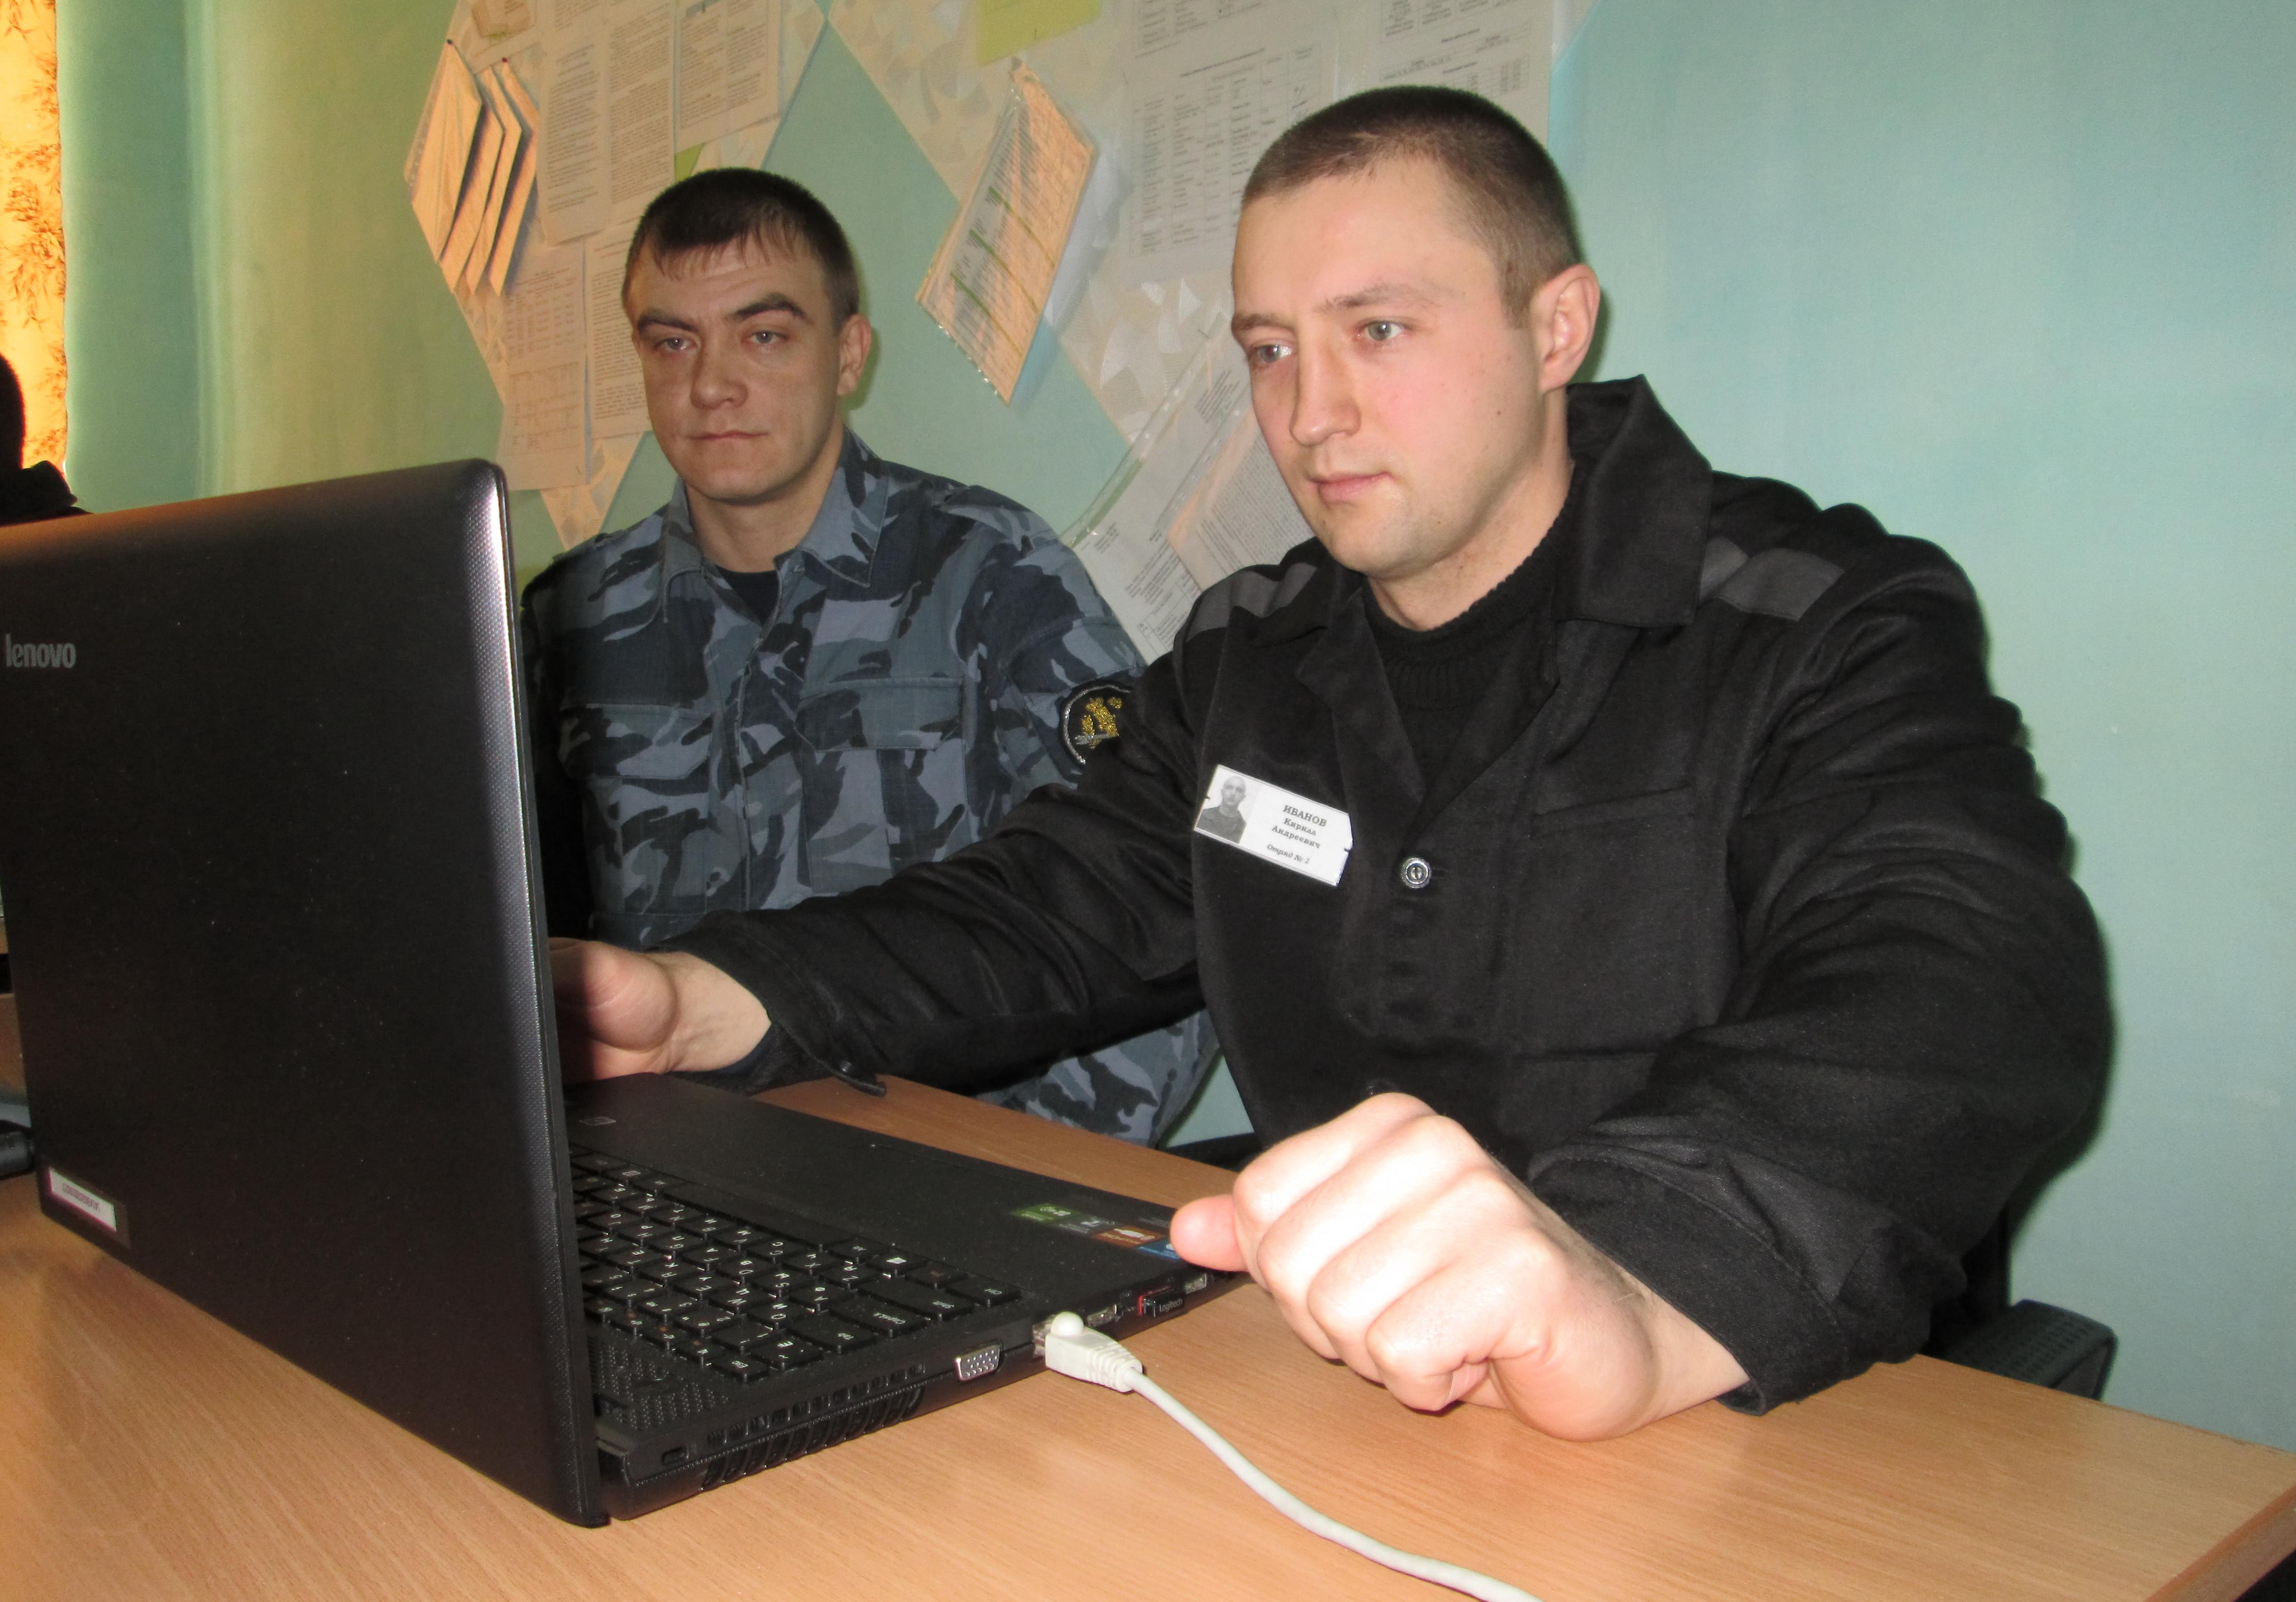 Четверо осужденных из Новосибирской области защитили дипломные  Четверо осужденных из Новосибирской области защитили дипломные работы в Московском финансово промышленном университете Синергия